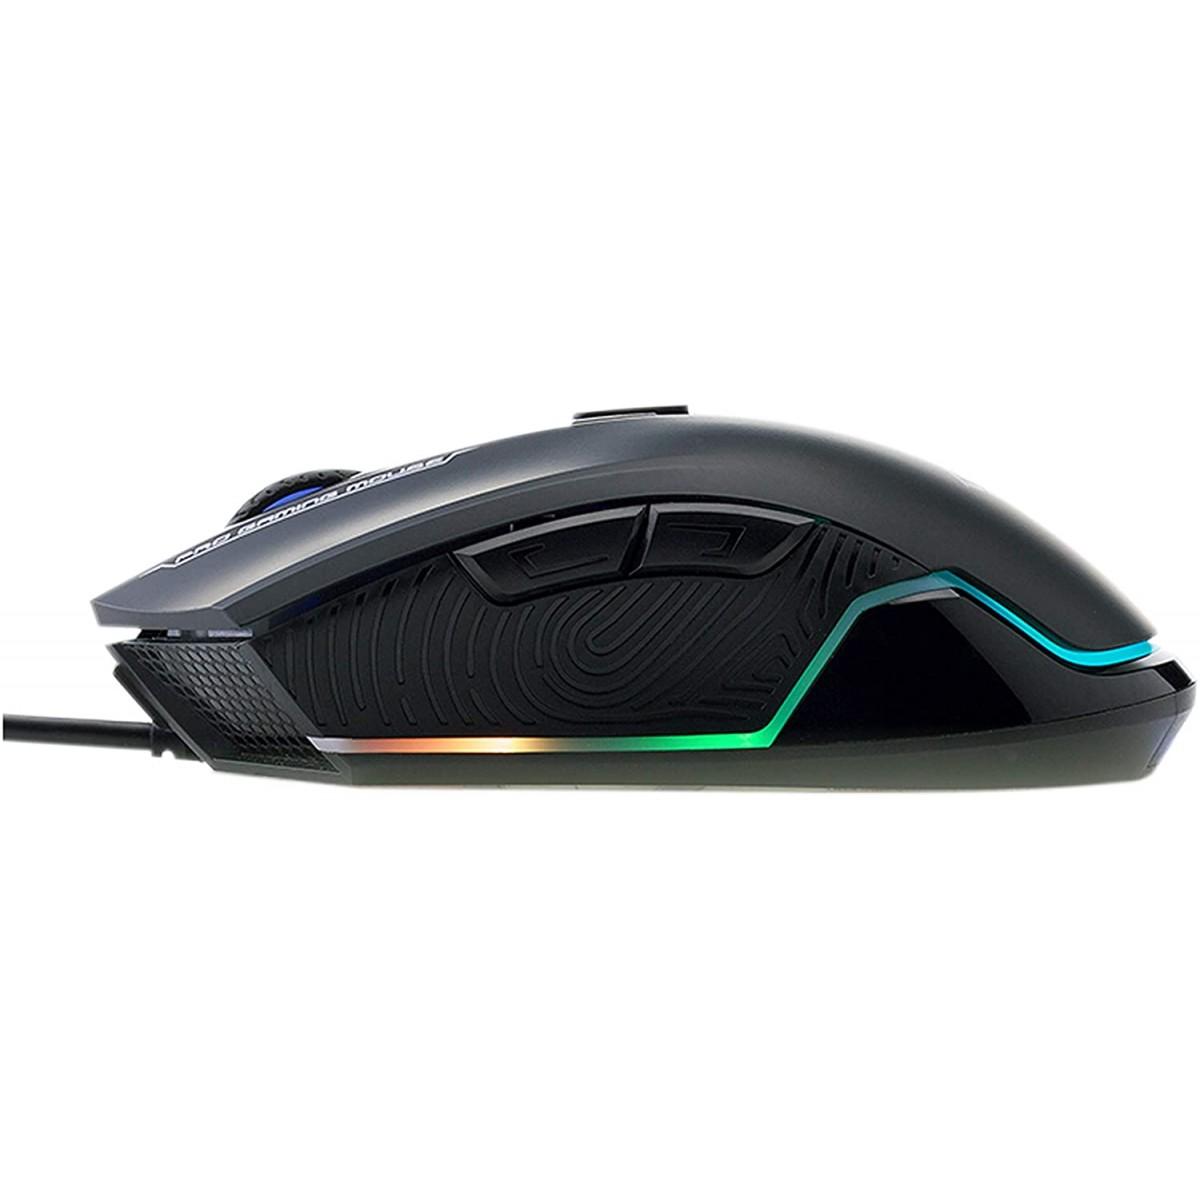 Mouse Gamer HP G360, 6200 DPI, LED, Black